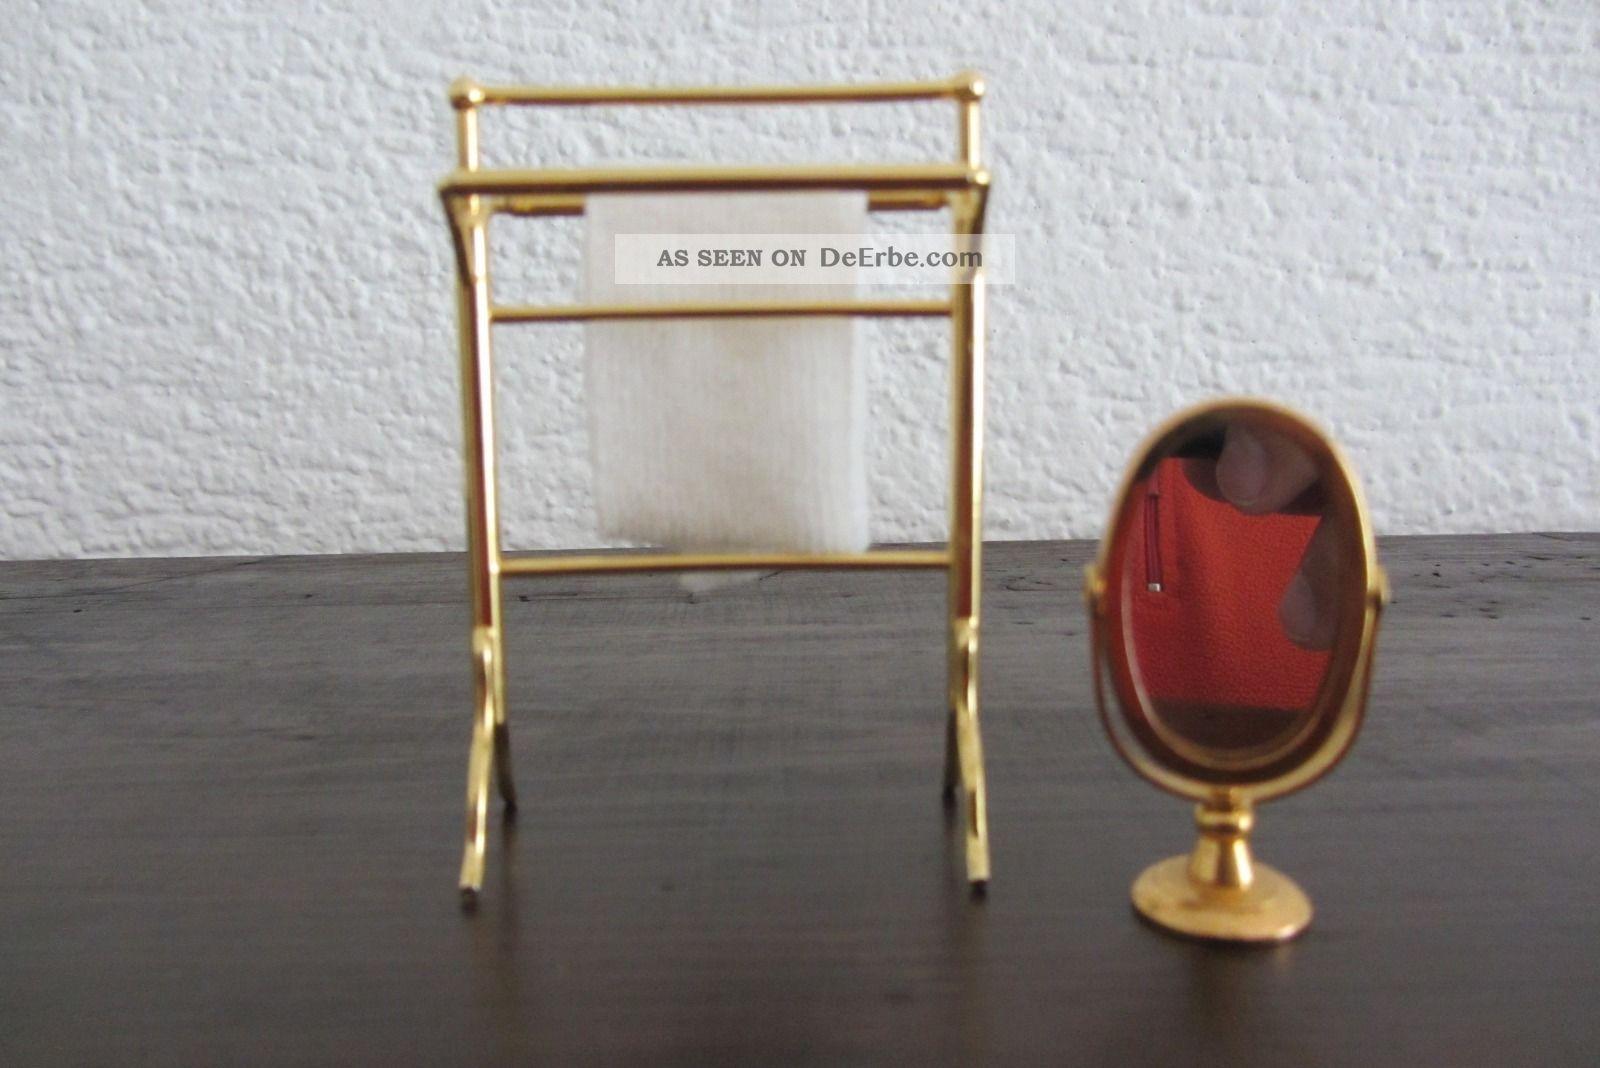 Bodo Hennig - Puppenstuben - ZubehÖr - Nostalgie Bad - Messing Nostalgieware, nach 1970 Bild